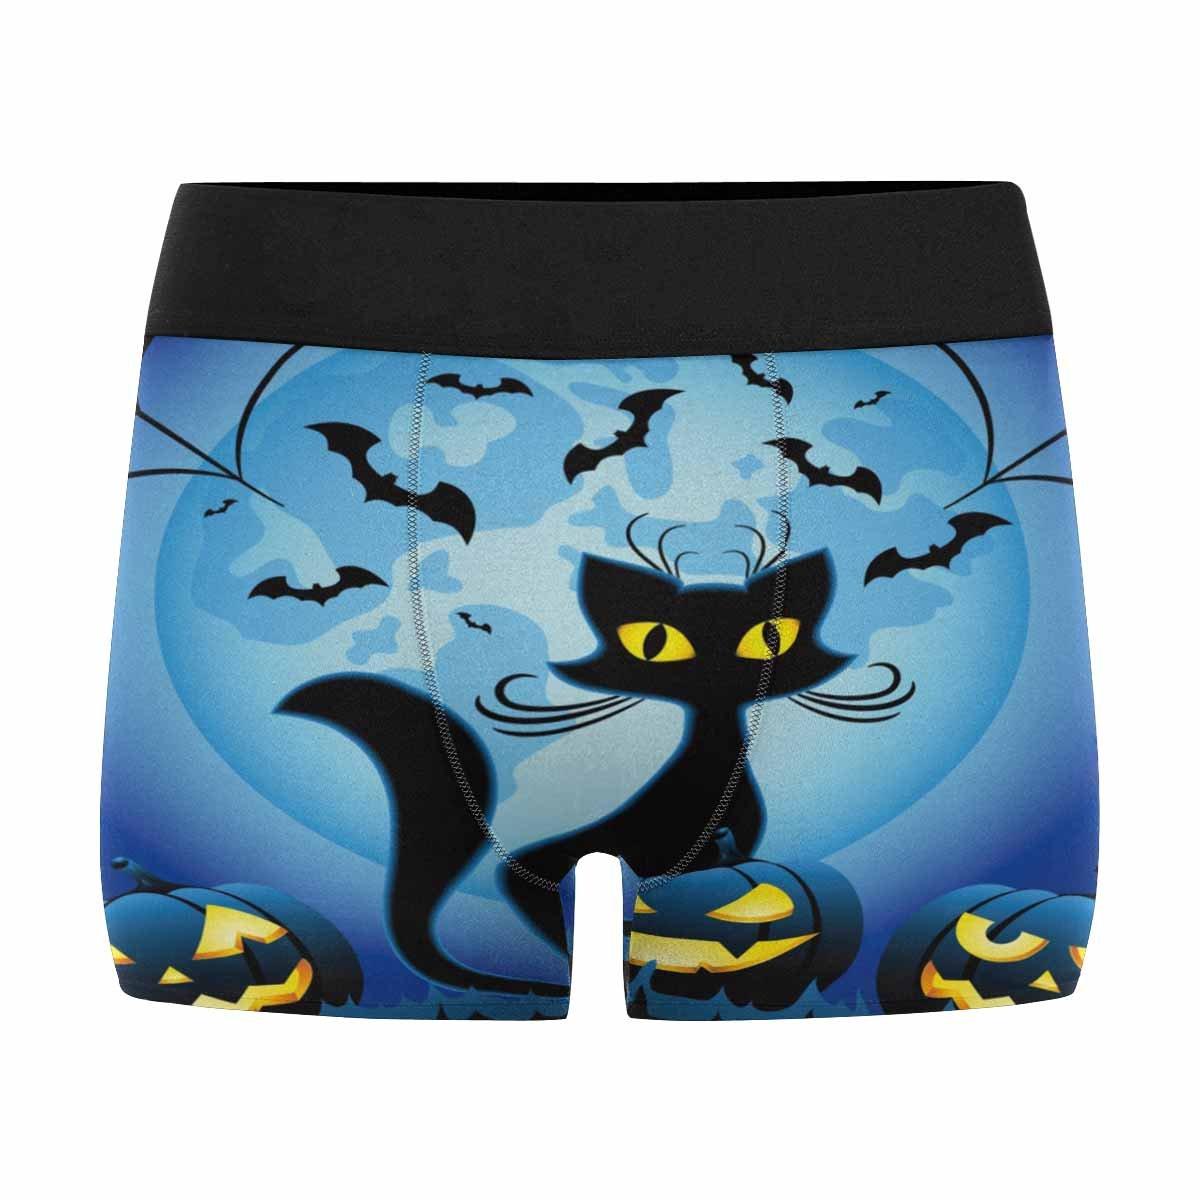 InterestPrint Soft Womens All Over Print Lightweight Briefs Panties Halloween Full Moon Pumpkin